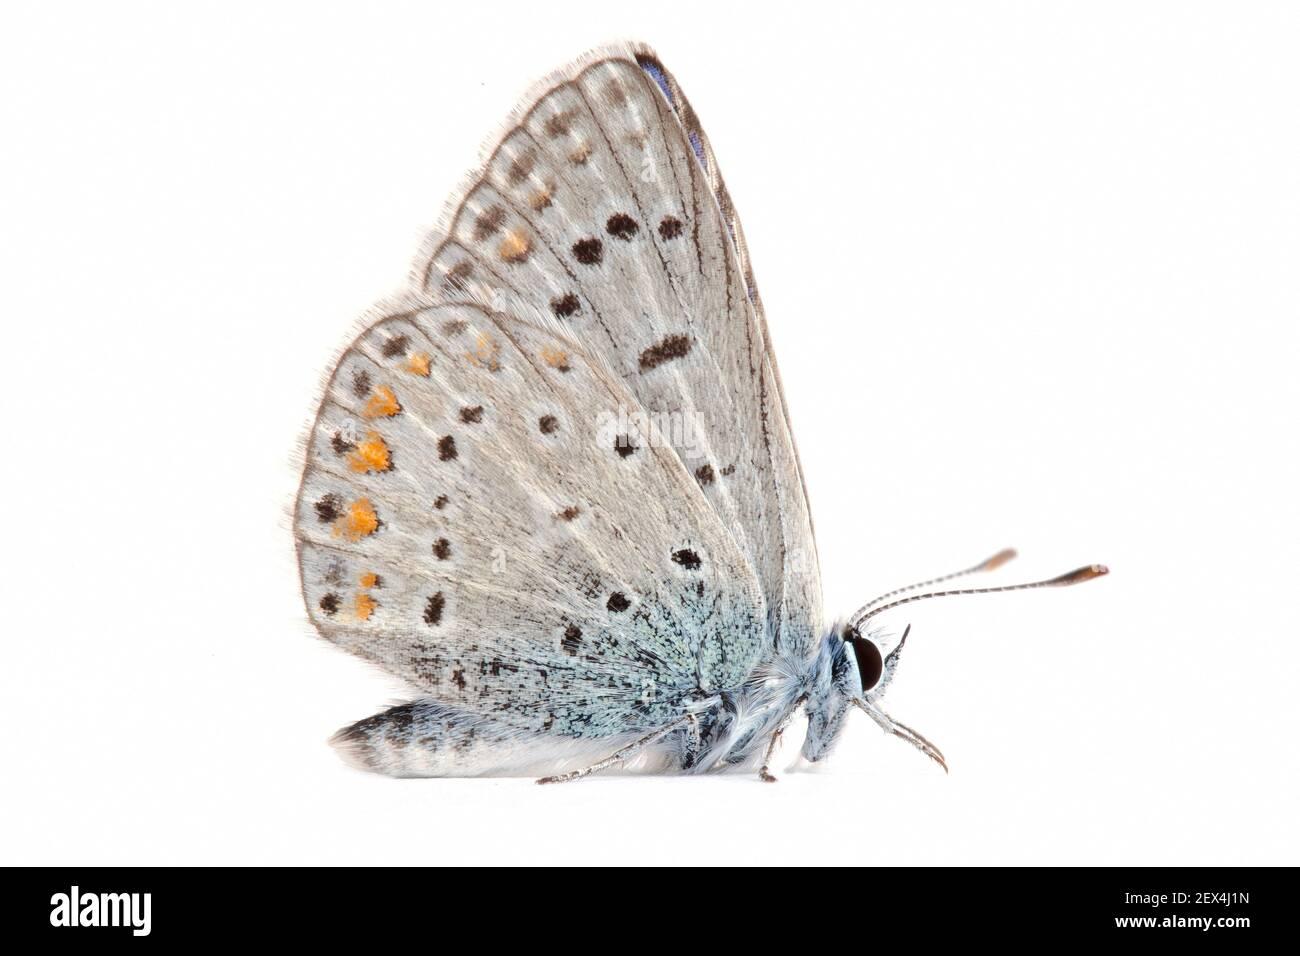 Azul común (Polyommatus icarus) sobre fondo blanco, Homme mort pass, Drome, Provenza, Francia Foto de stock